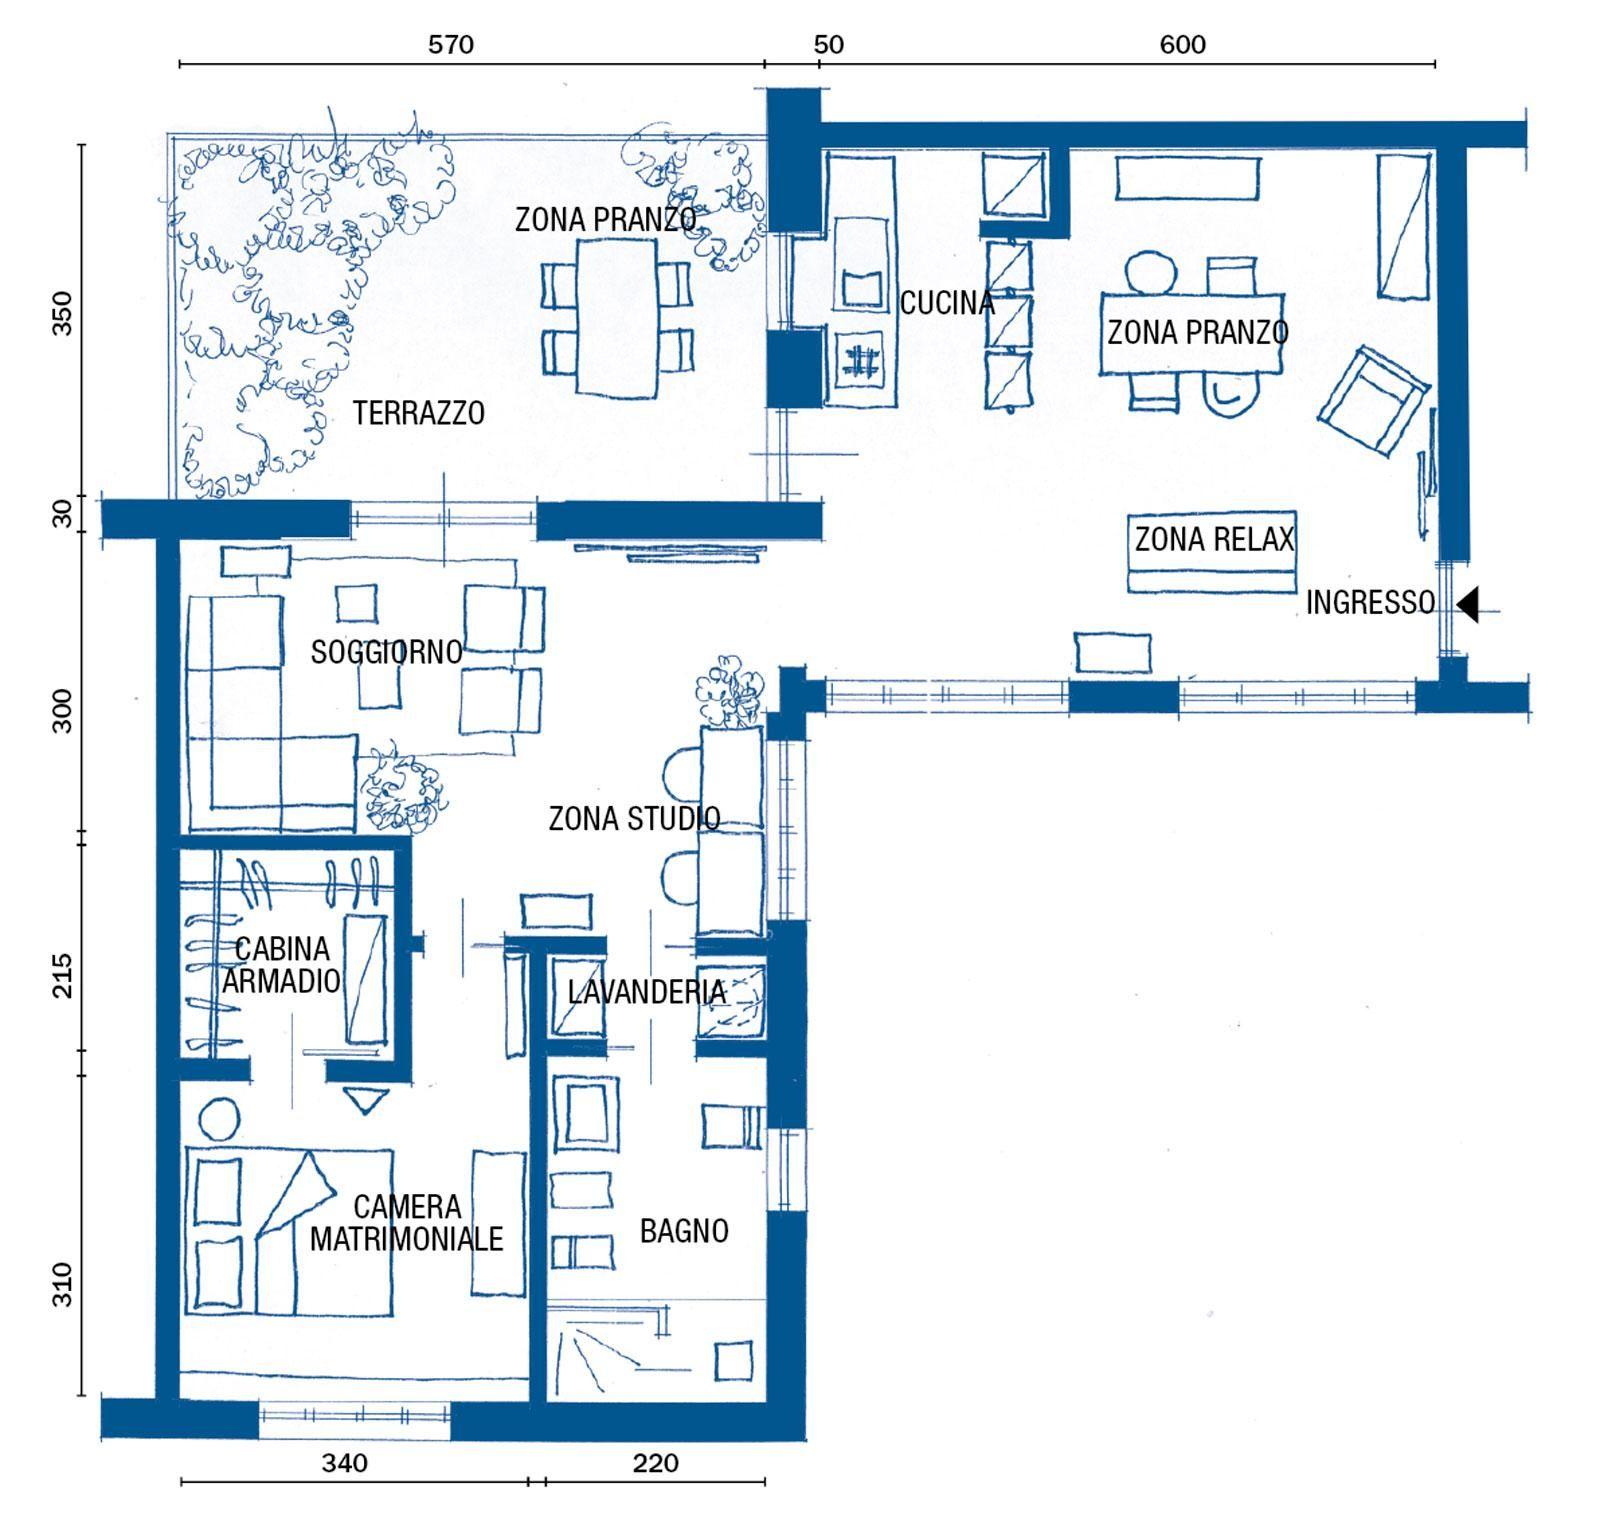 Casa 80 Mq Pianta 80 mq: parquet industriale e stile vintage per gli arredi